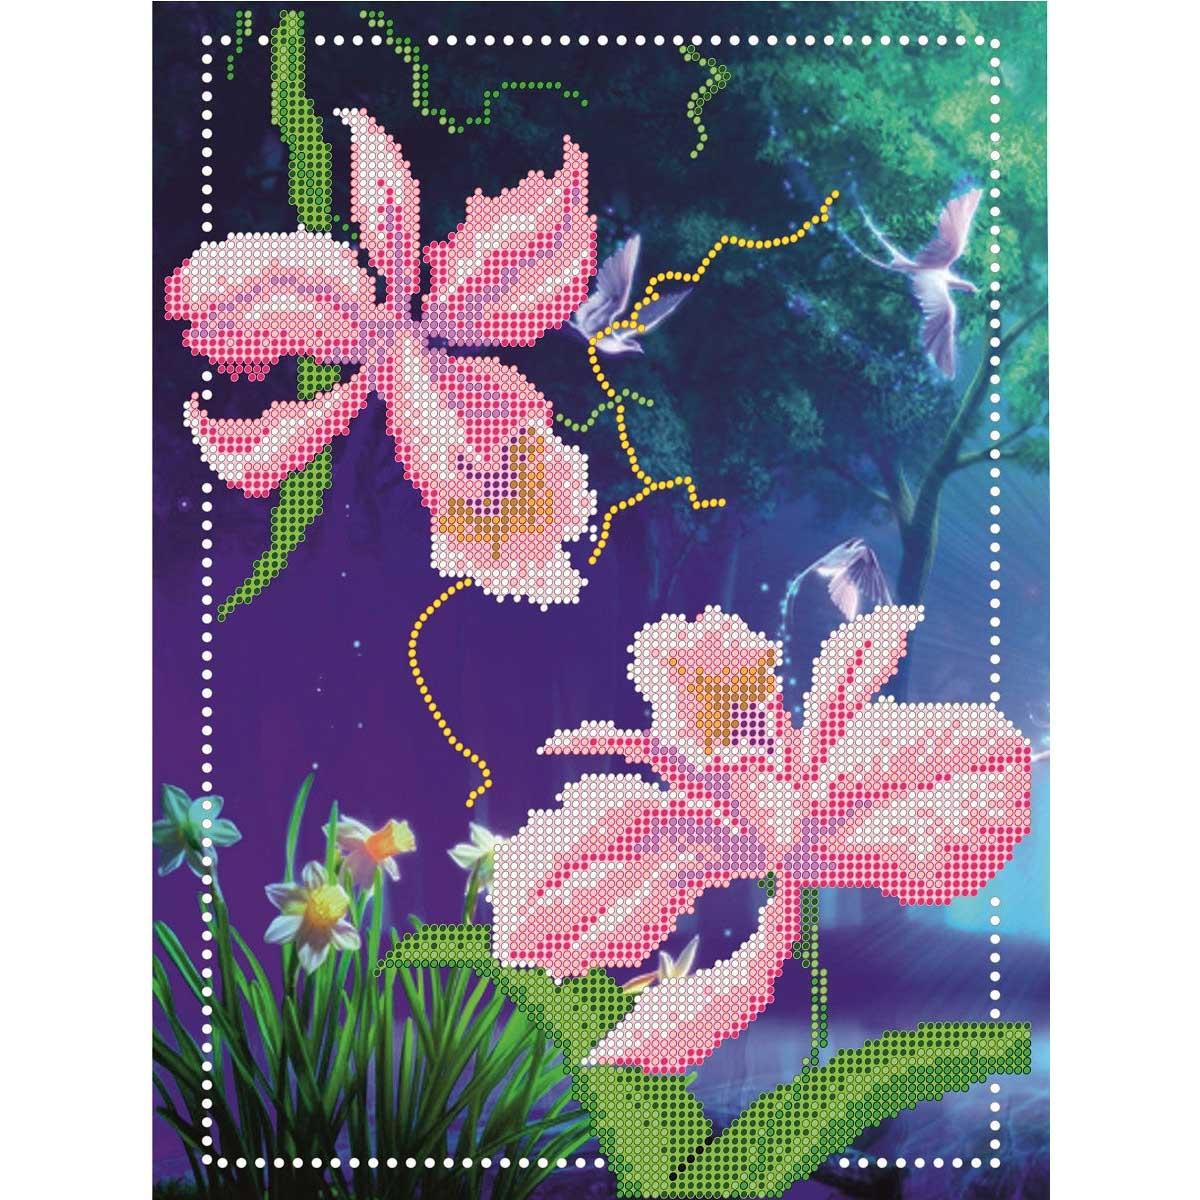 05392 Набор для вышивания бисером 'Аромат цветов'